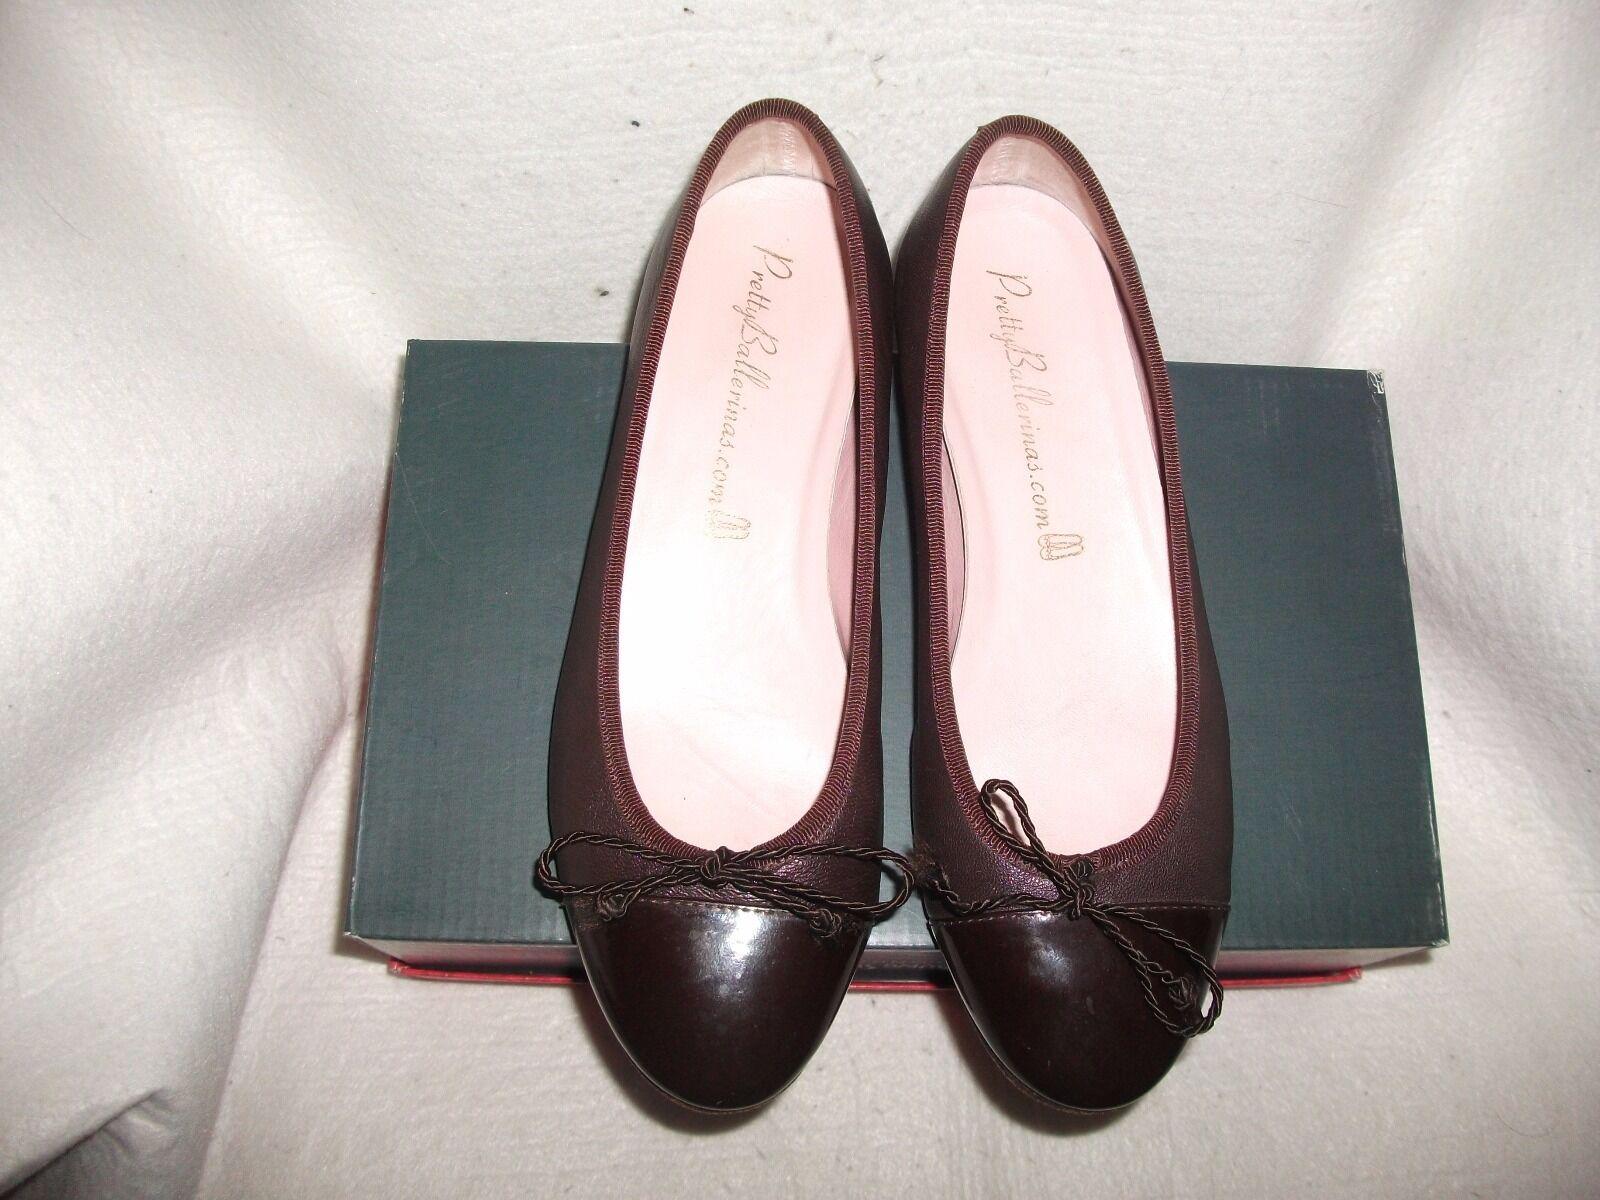 Damen Ballerinas PRETTY BALLERINAS Gr 36